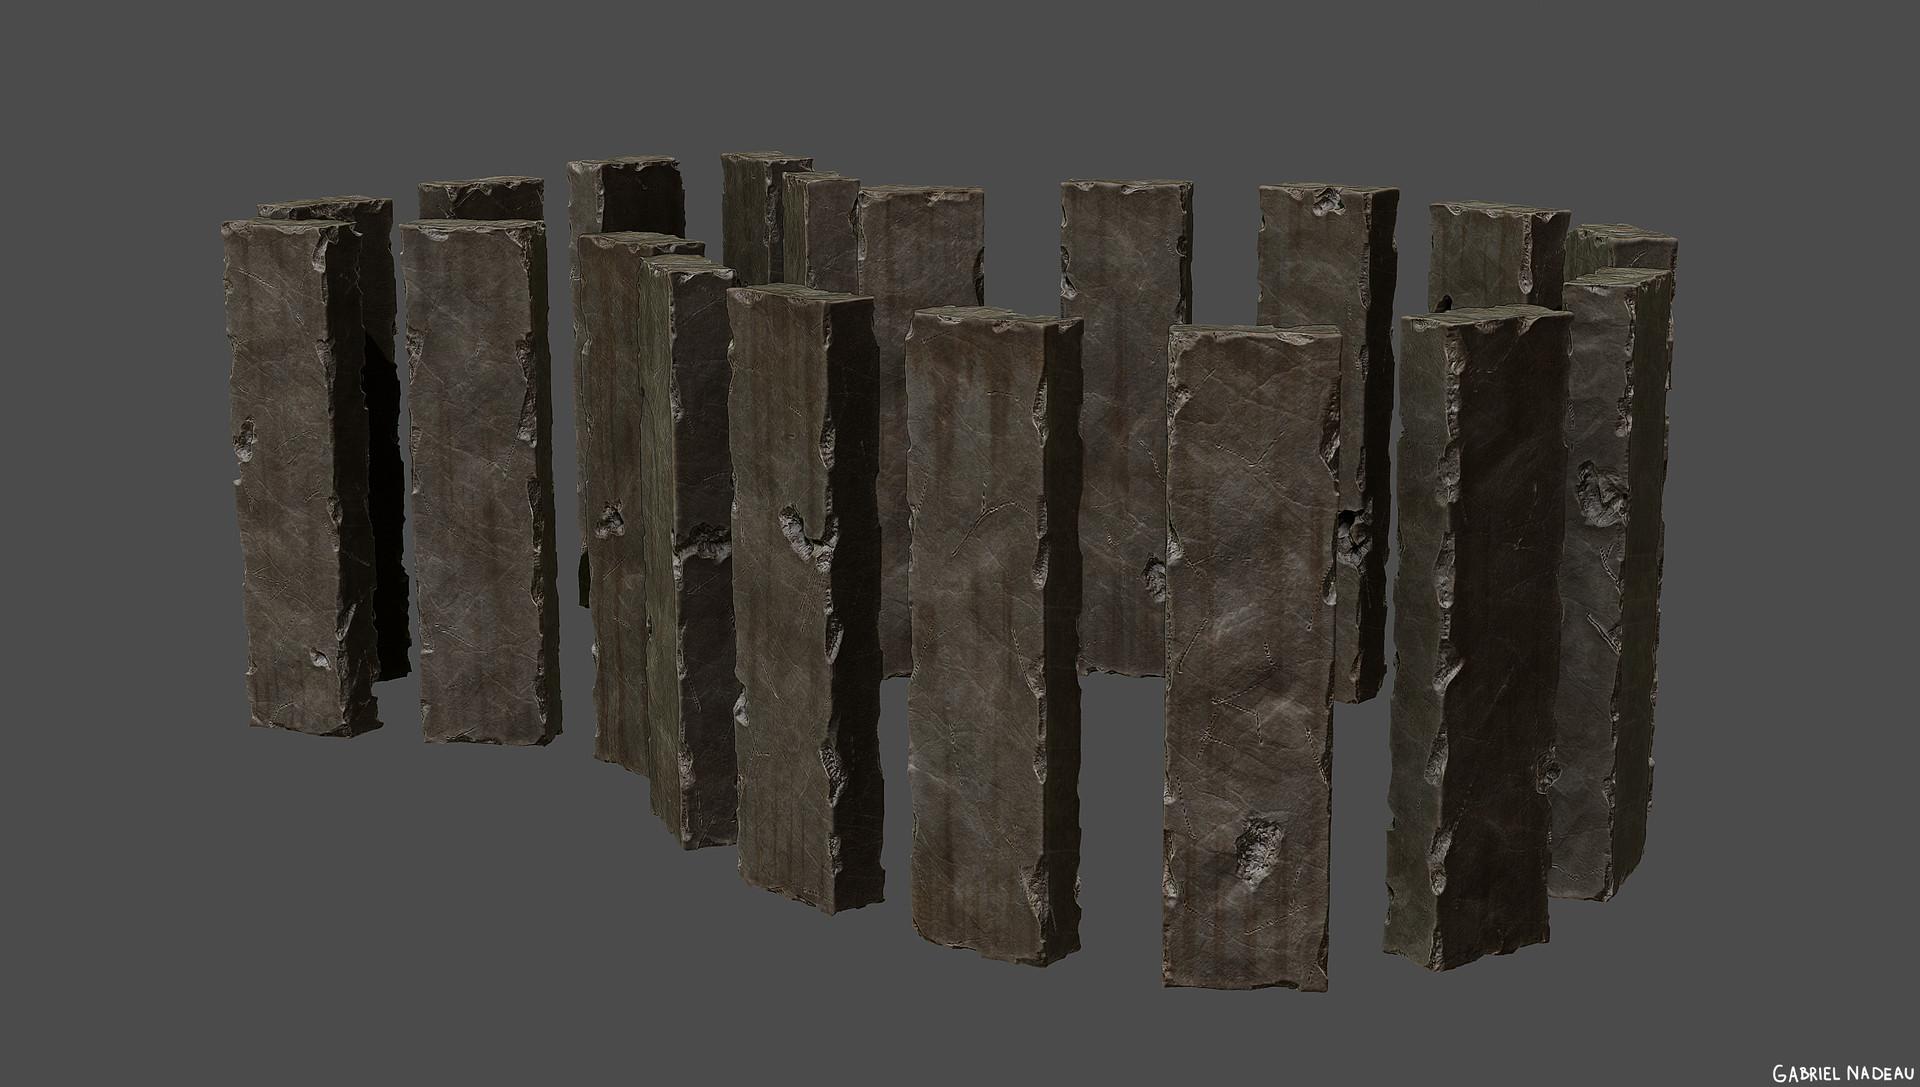 Gabriel nadeau zbrush piliers